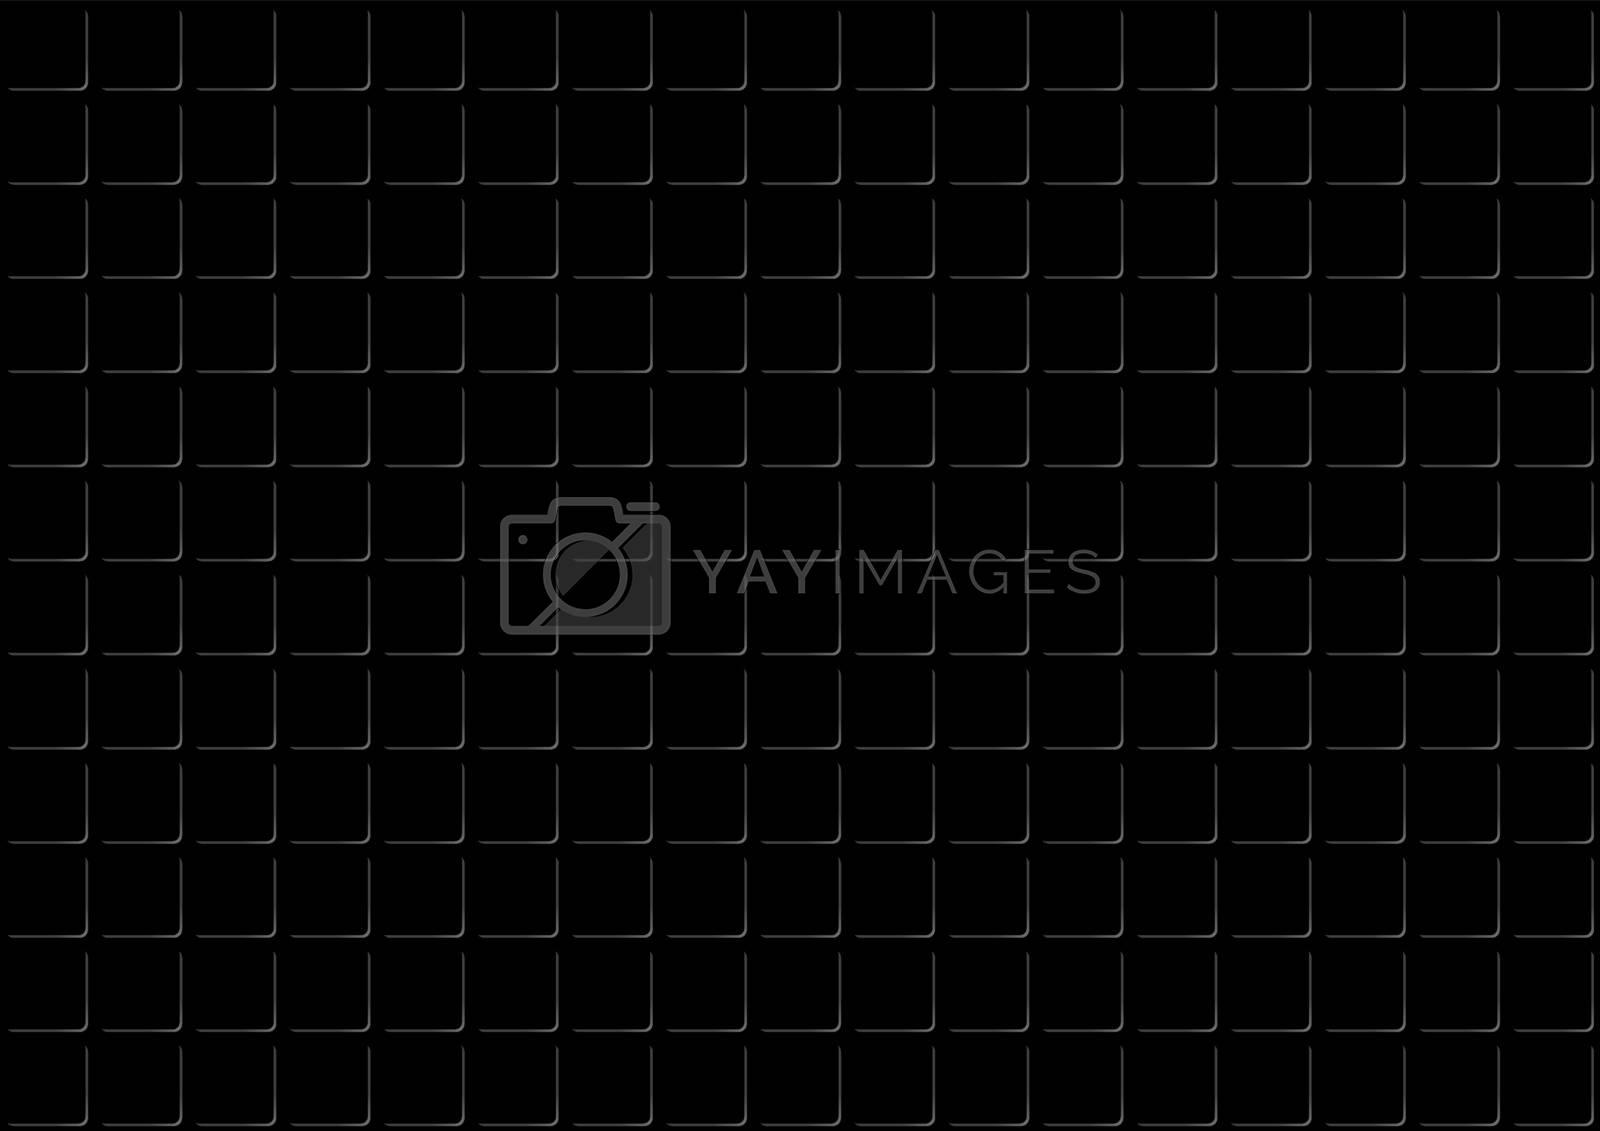 Dark Metal Texture Background - Wire Mesh Pattern, Vector